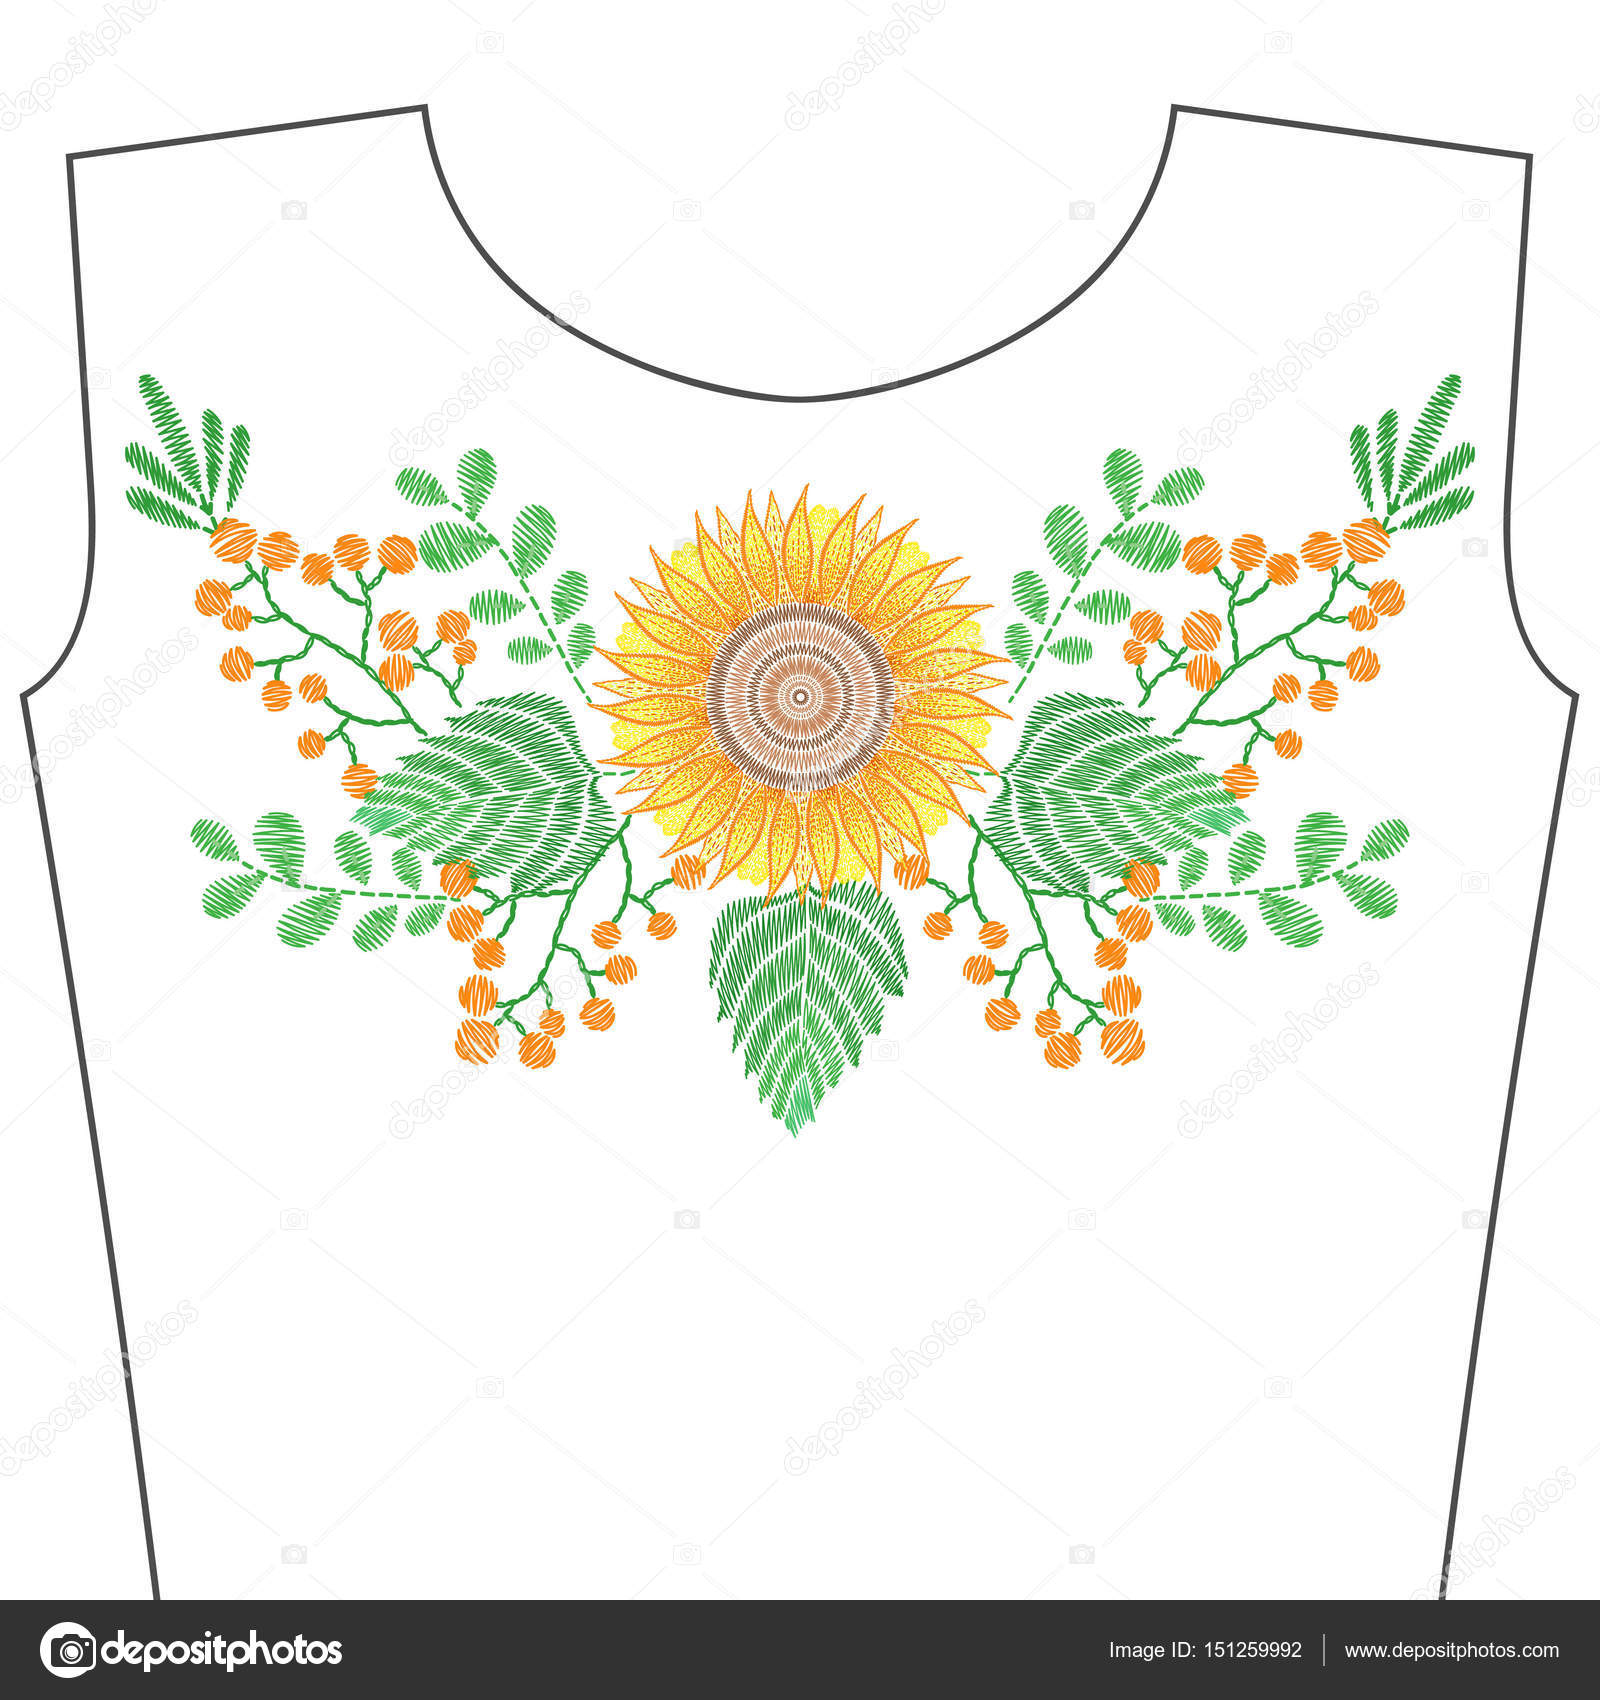 Dibujos: girasoles para bordar | Puntadas de bordado con flores de ...